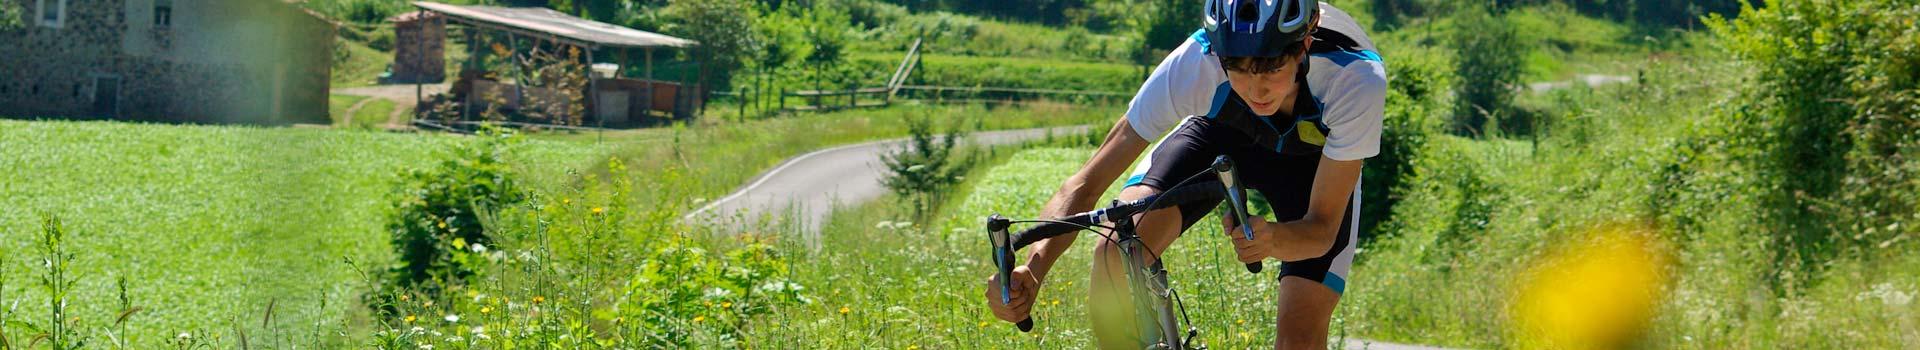 lloguer-bicicletes-carretera